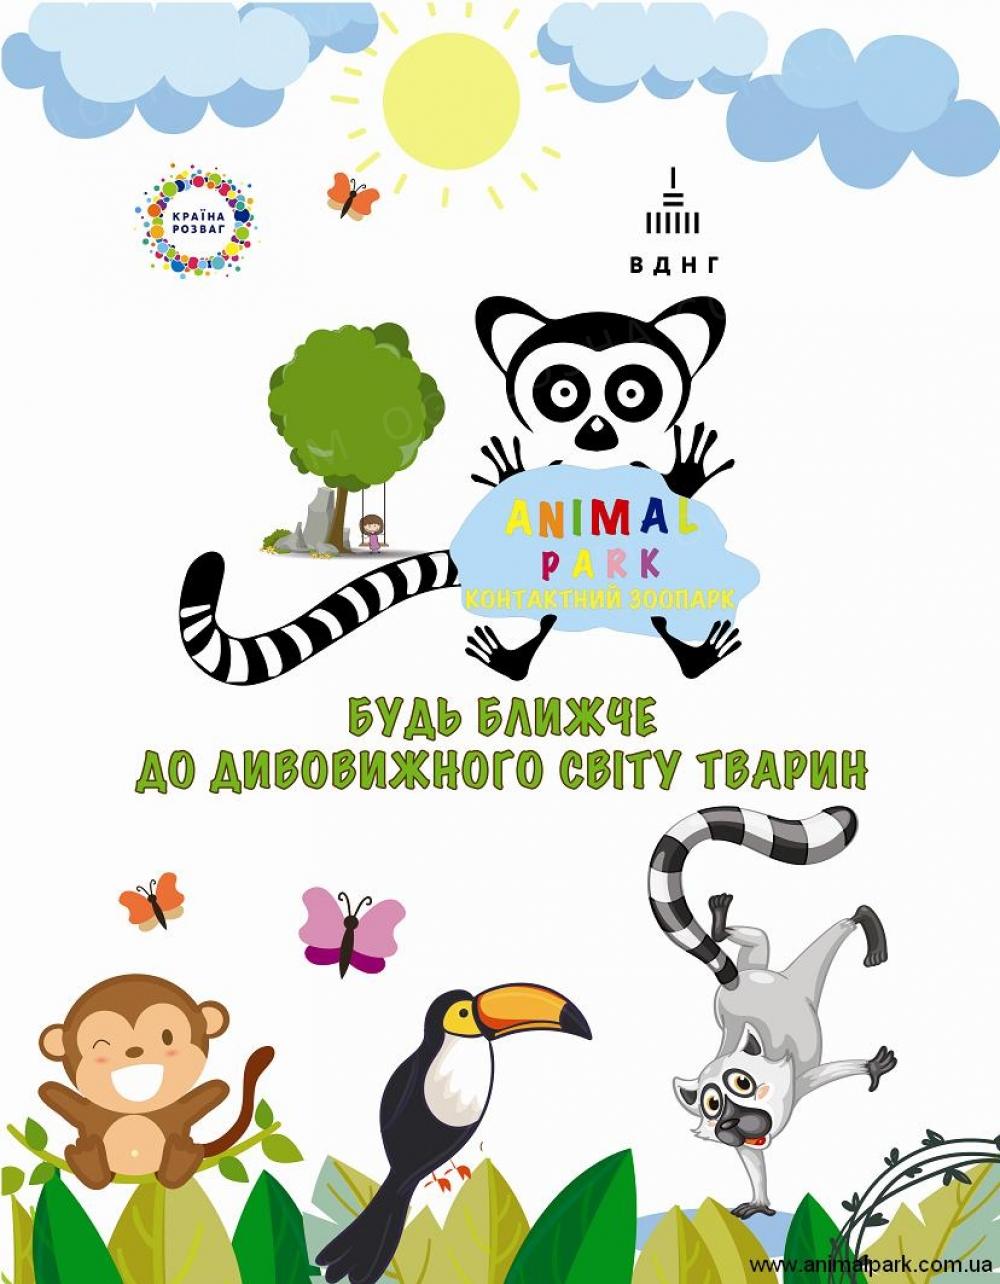 Анимал Парк контактный зоопарк приглашаем Всех в гости